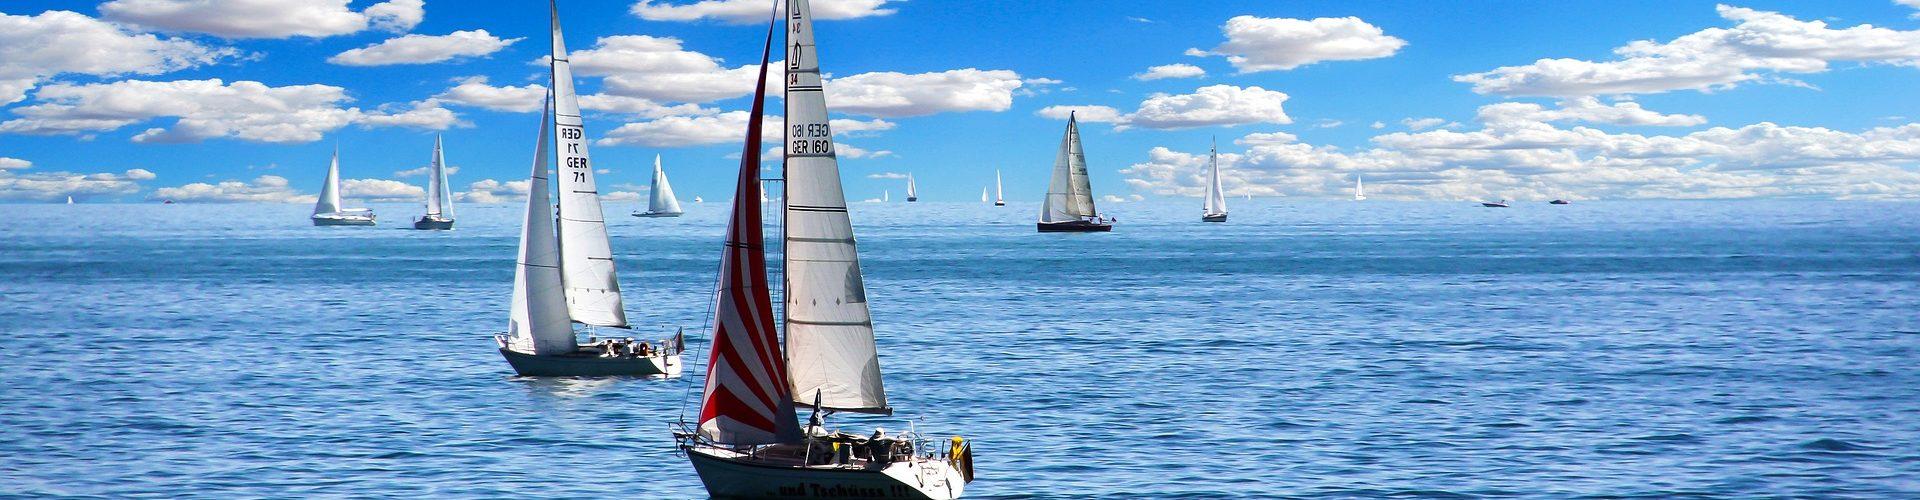 segeln lernen in Wendtorf segelschein machen in Wendtorf 1920x500 - Segeln lernen in Wendtorf